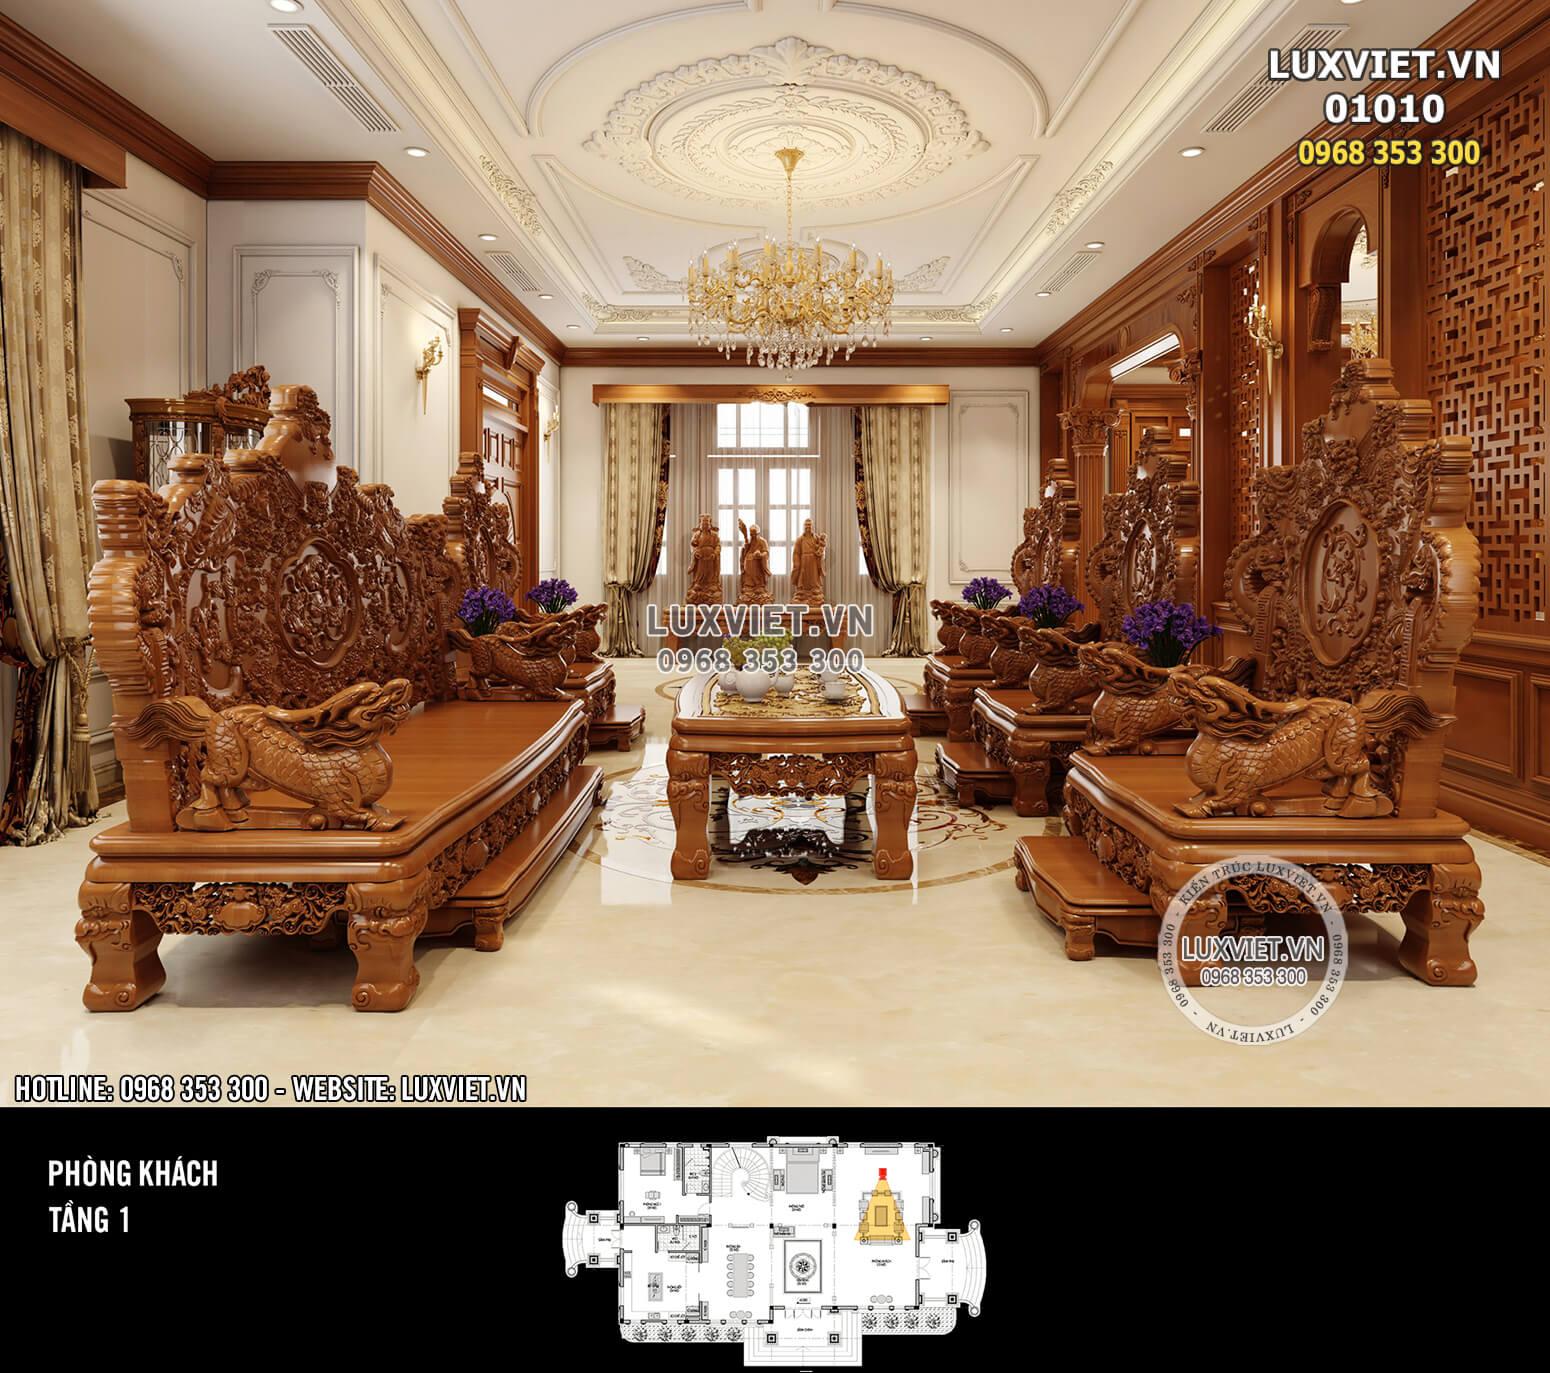 Hình ảnh: Phòng khách với bộ bàn ghế gỗ cầu kỳ và đẳng cấp